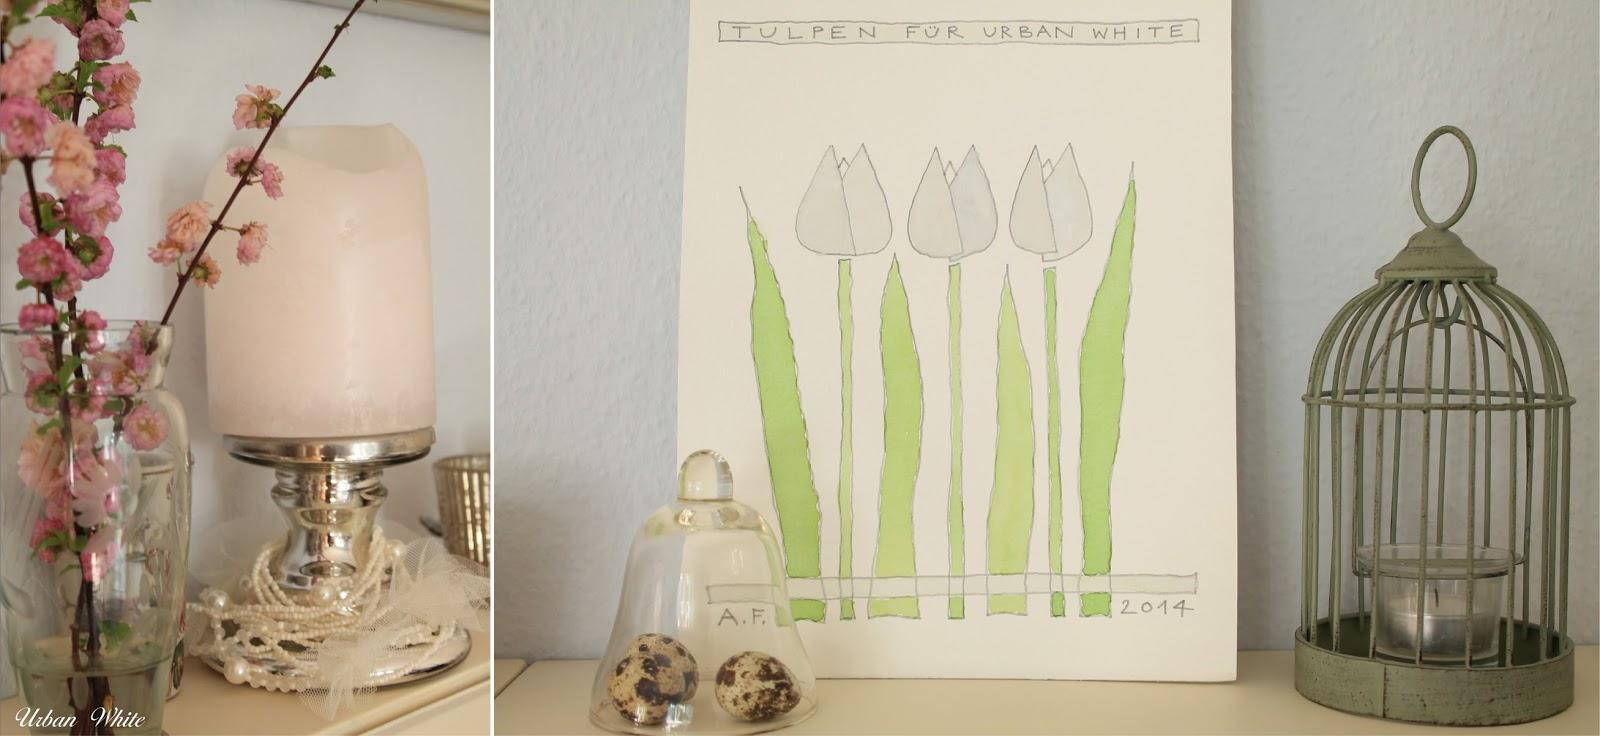 Urban white wohnen in wei wei e tulpen f r urban white for Schuhschrank blech